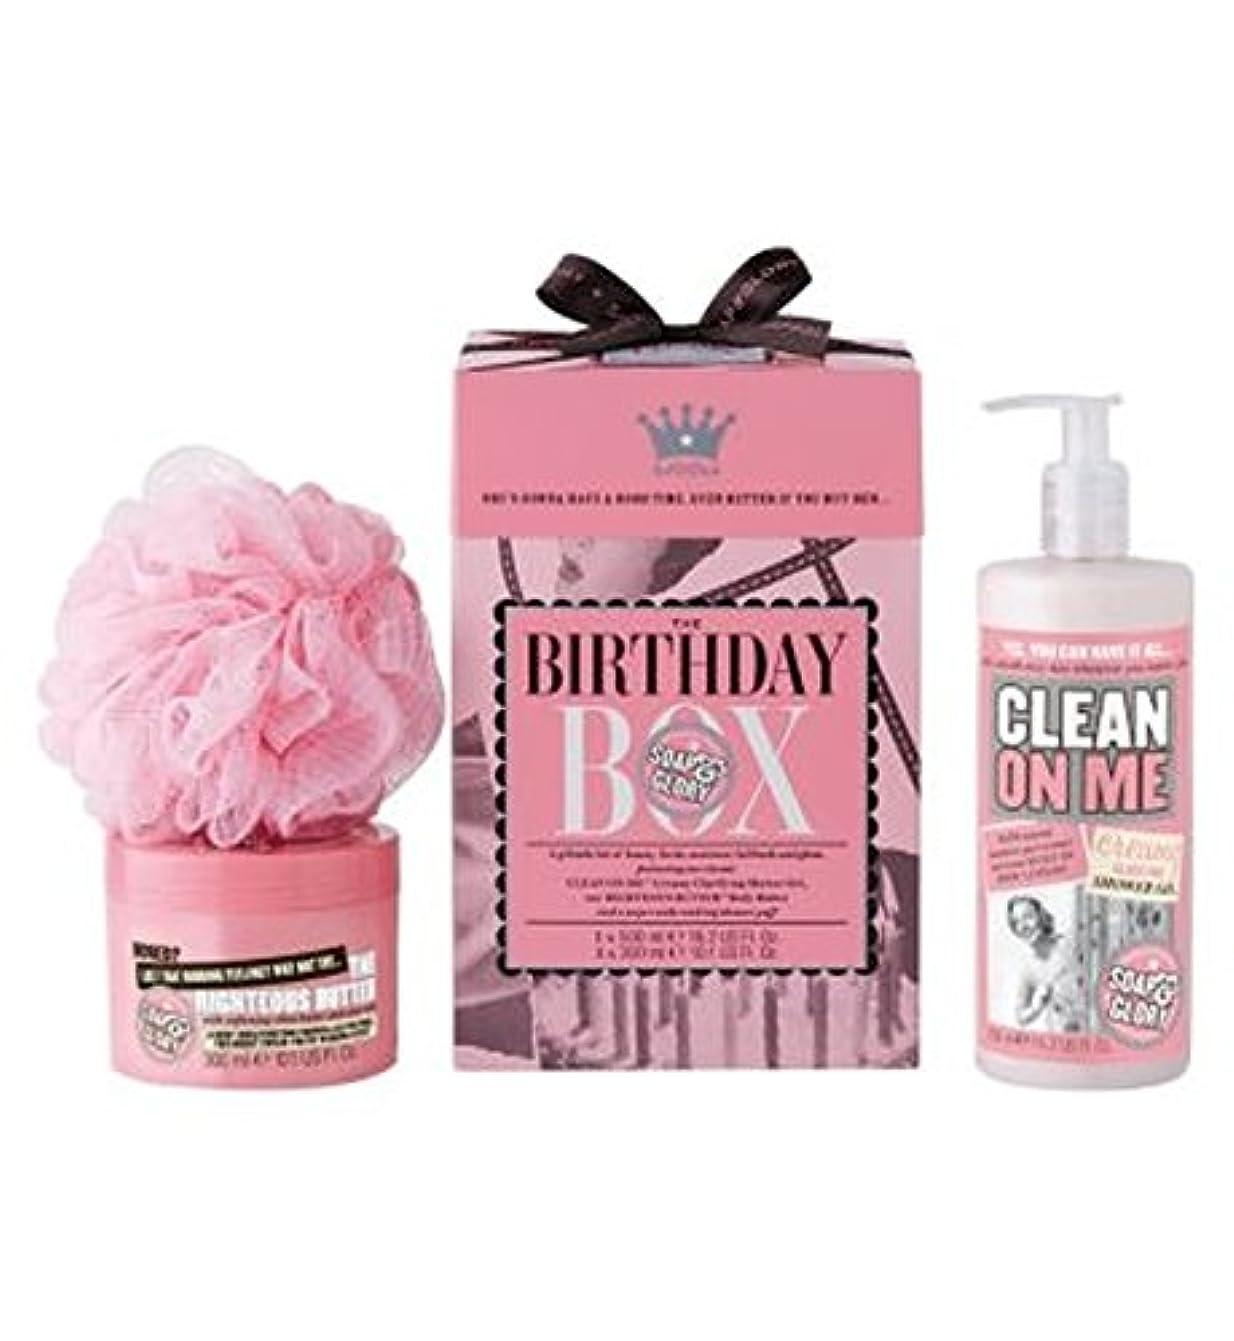 恐れる正当な警報Soap & Glory The Birthday Box Gift Set - 石鹸&栄光の誕生日箱のギフトセット (Soap & Glory) [並行輸入品]